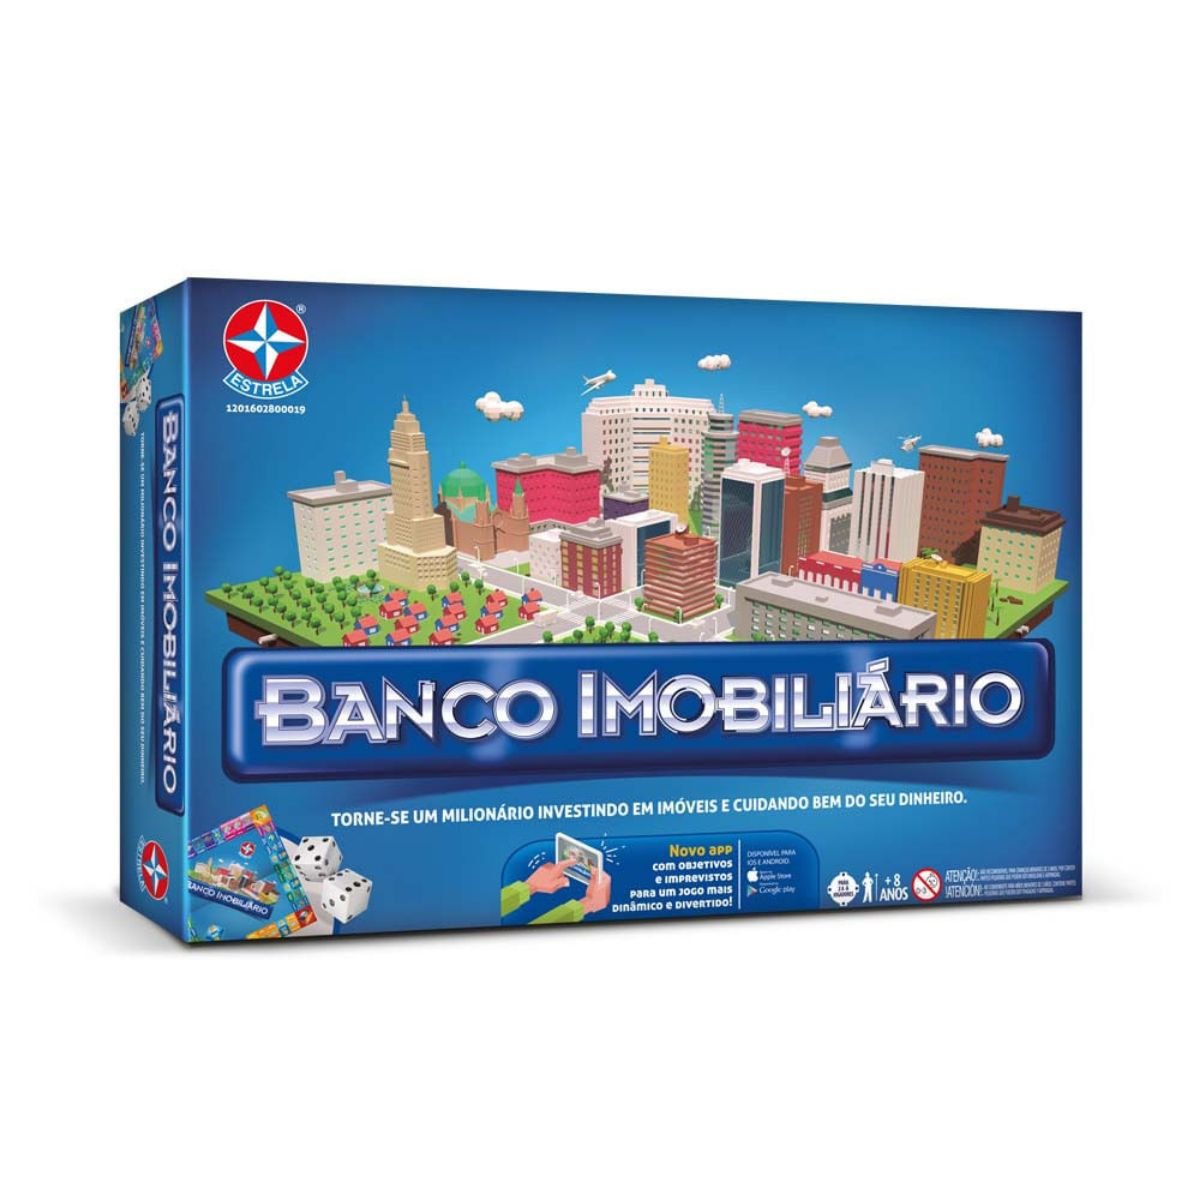 Jogo Banco imobiliário Clássico com tabuleiro e cartas - Estrela